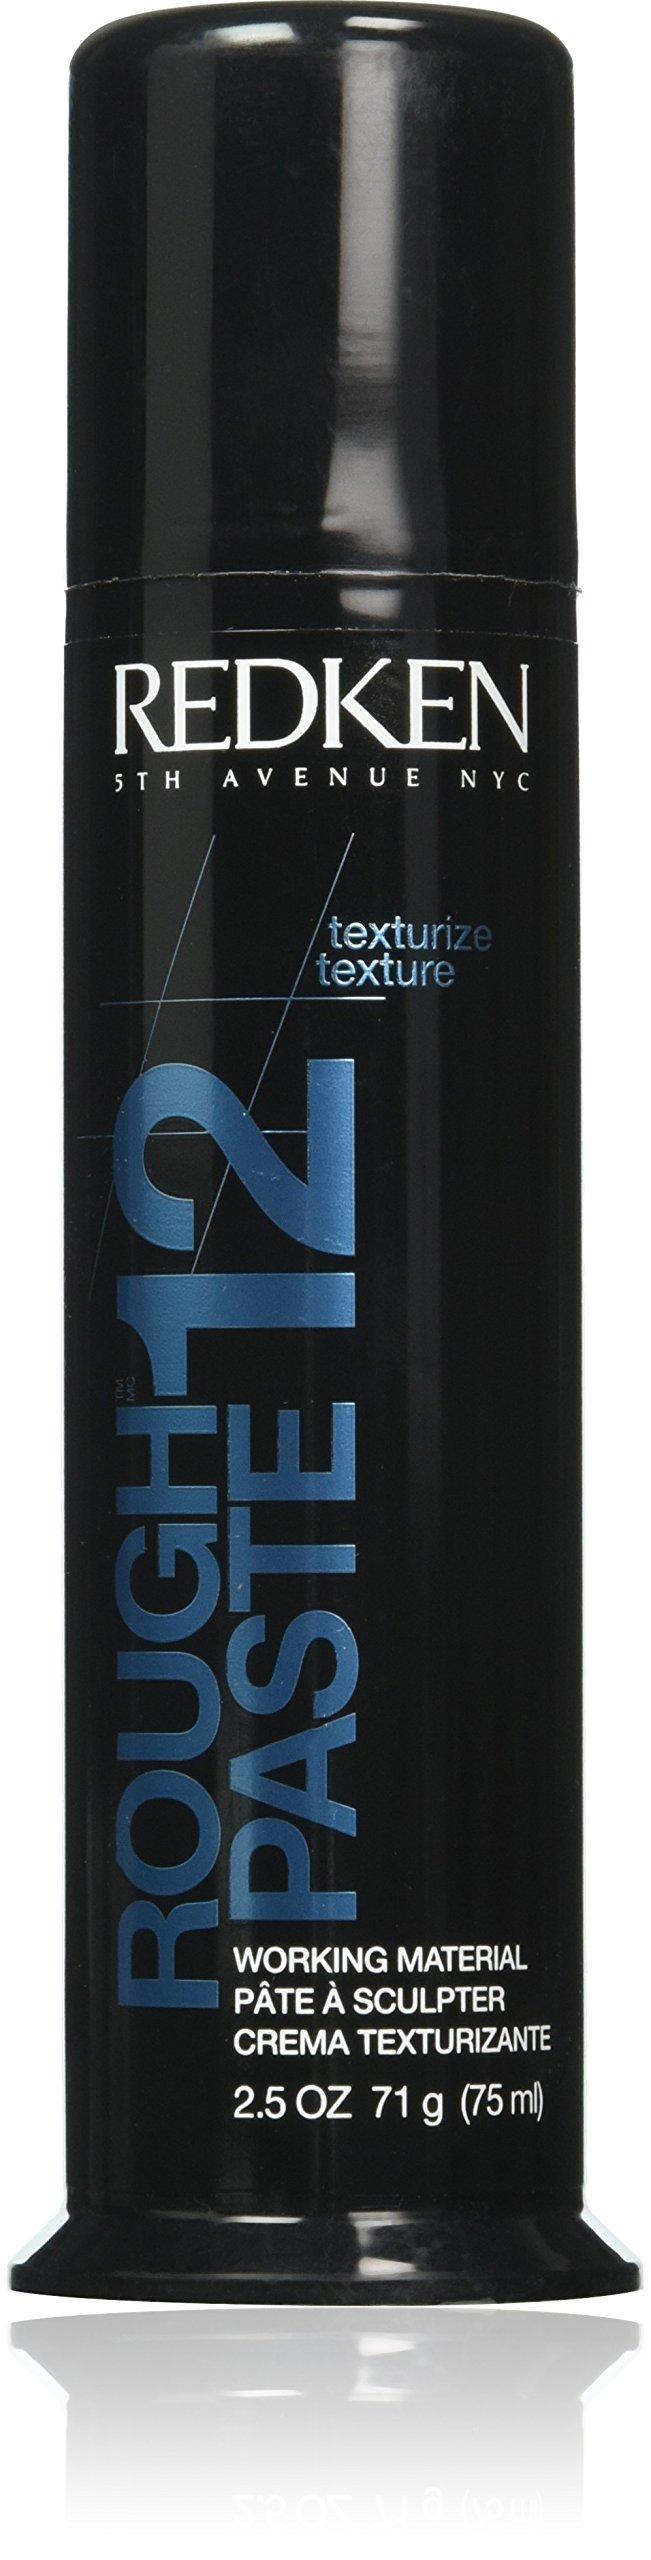 Redken Rough Paste 12 – 7 5ml